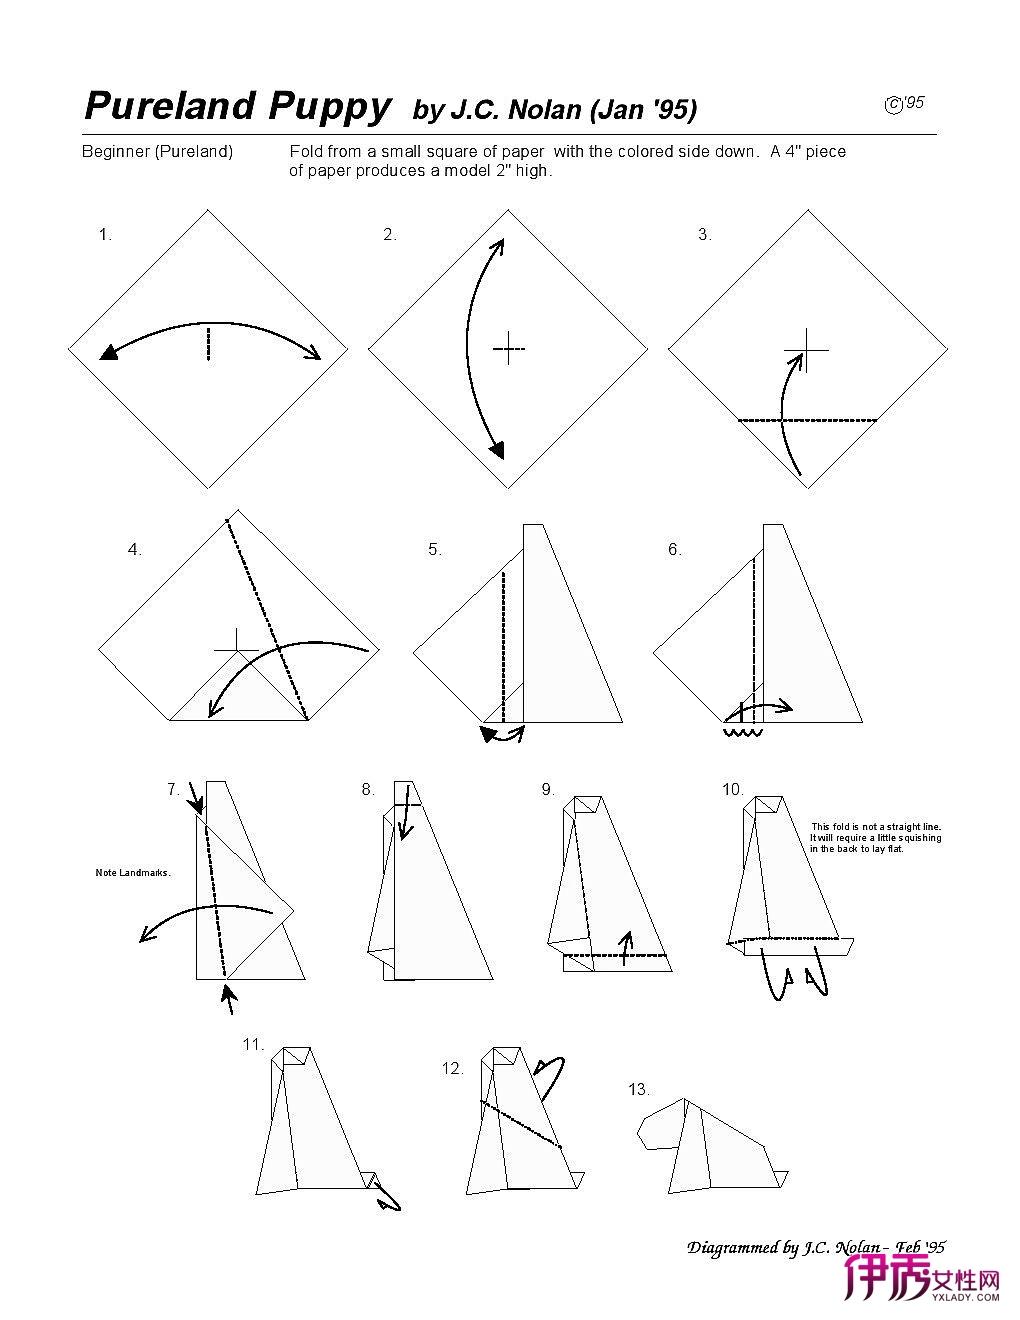 朋友们一定会喜欢动物折纸,下面就介绍一款简单的小狗折纸方法图解.